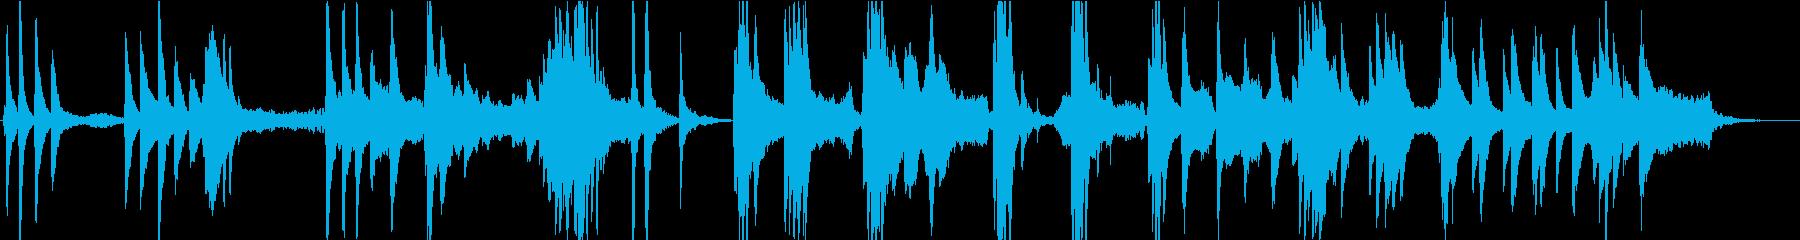 森の泉を感じるピアノ・アンビエントの再生済みの波形